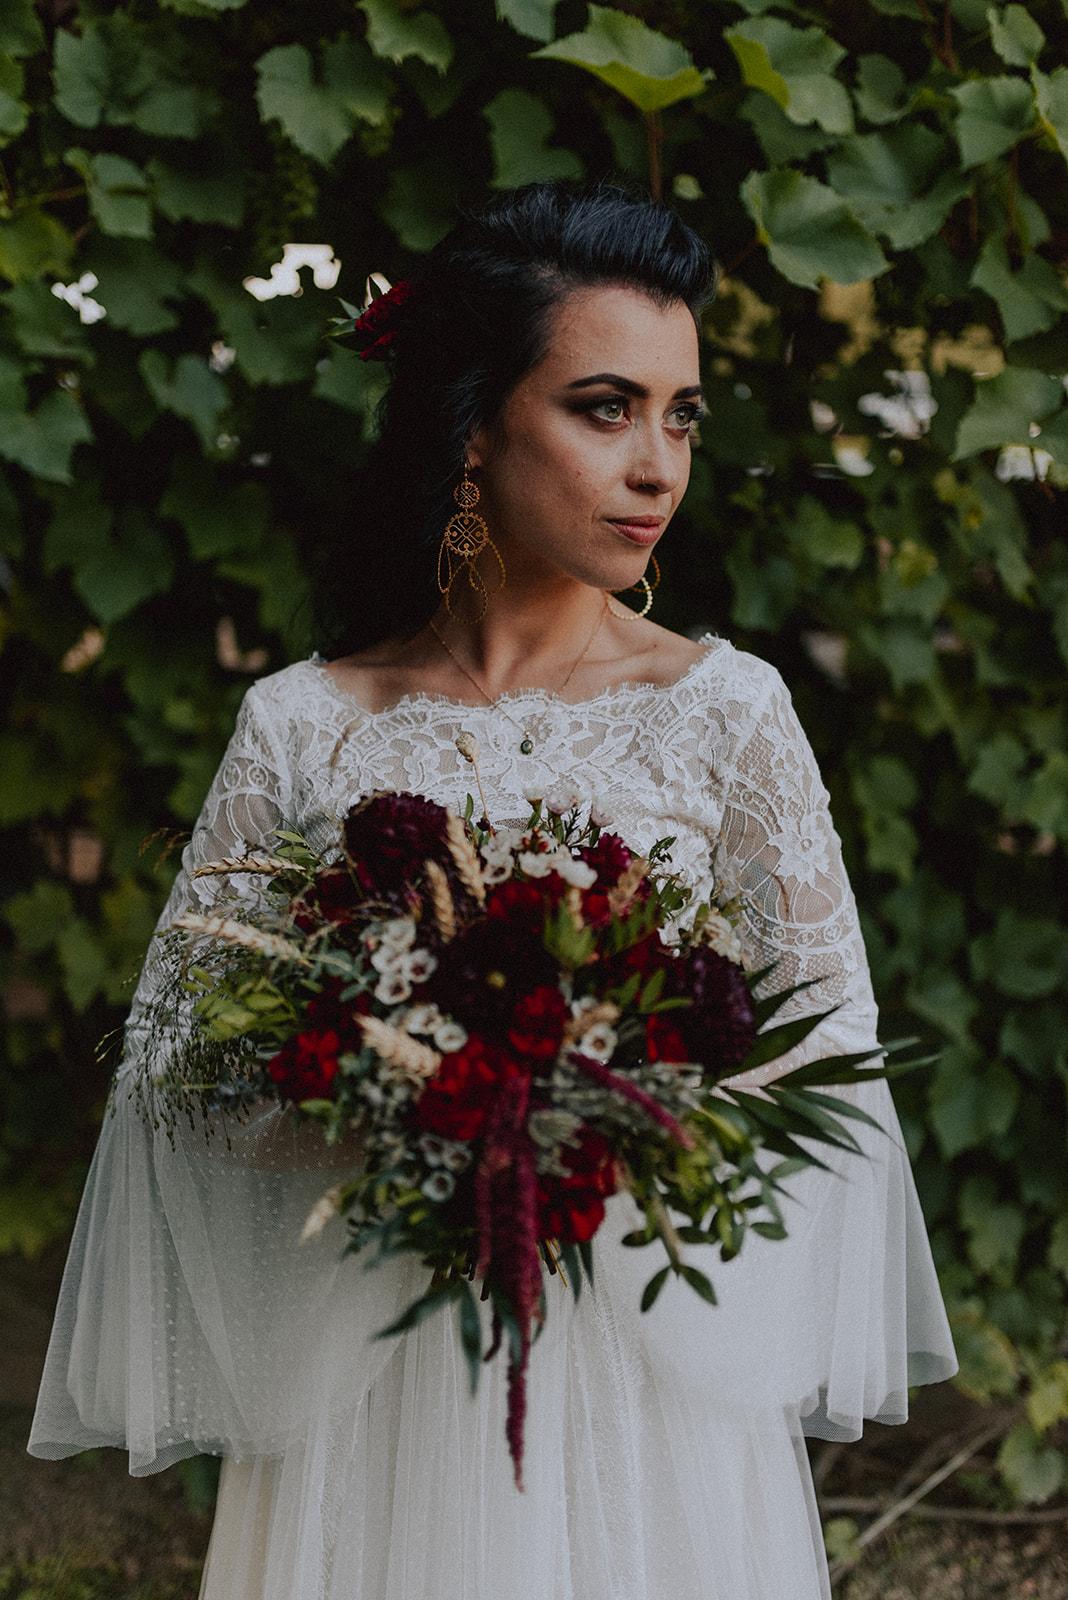 Baśniowy ślub w Tabunie | ceremonia w plenerze A+M 103 alebosco ania mateusz tabun 1024